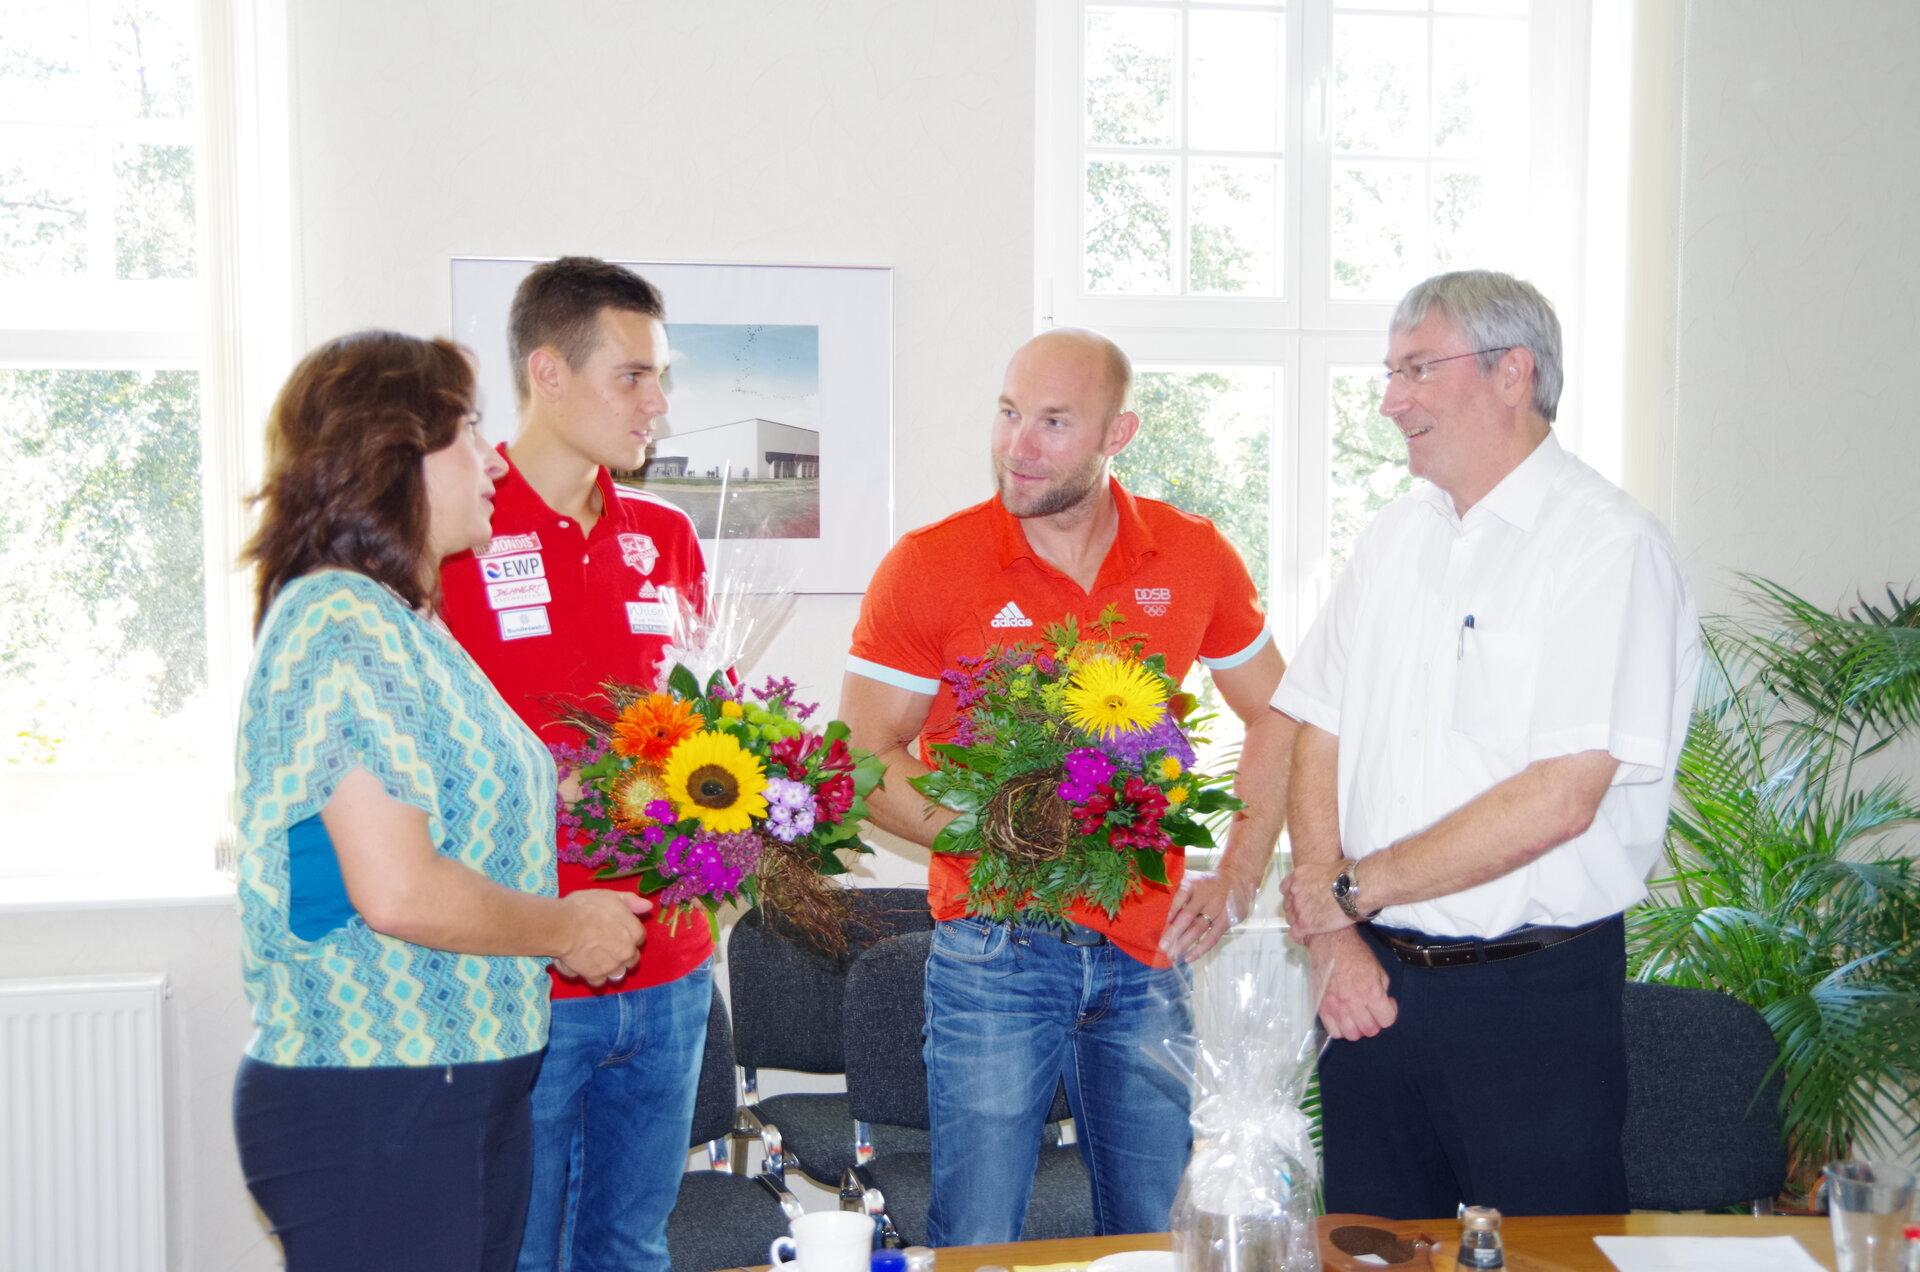 Bürgermeister Heiko Müller und die damalige SVV-Vorsitzende Barbara Richstein empfangen die Olympiateilnehmer der Spiele 2016 in Rio de Janeiro Ronald Rauhe und Nils Brembach im Rathaus (Quelle: Stadtarchiv).